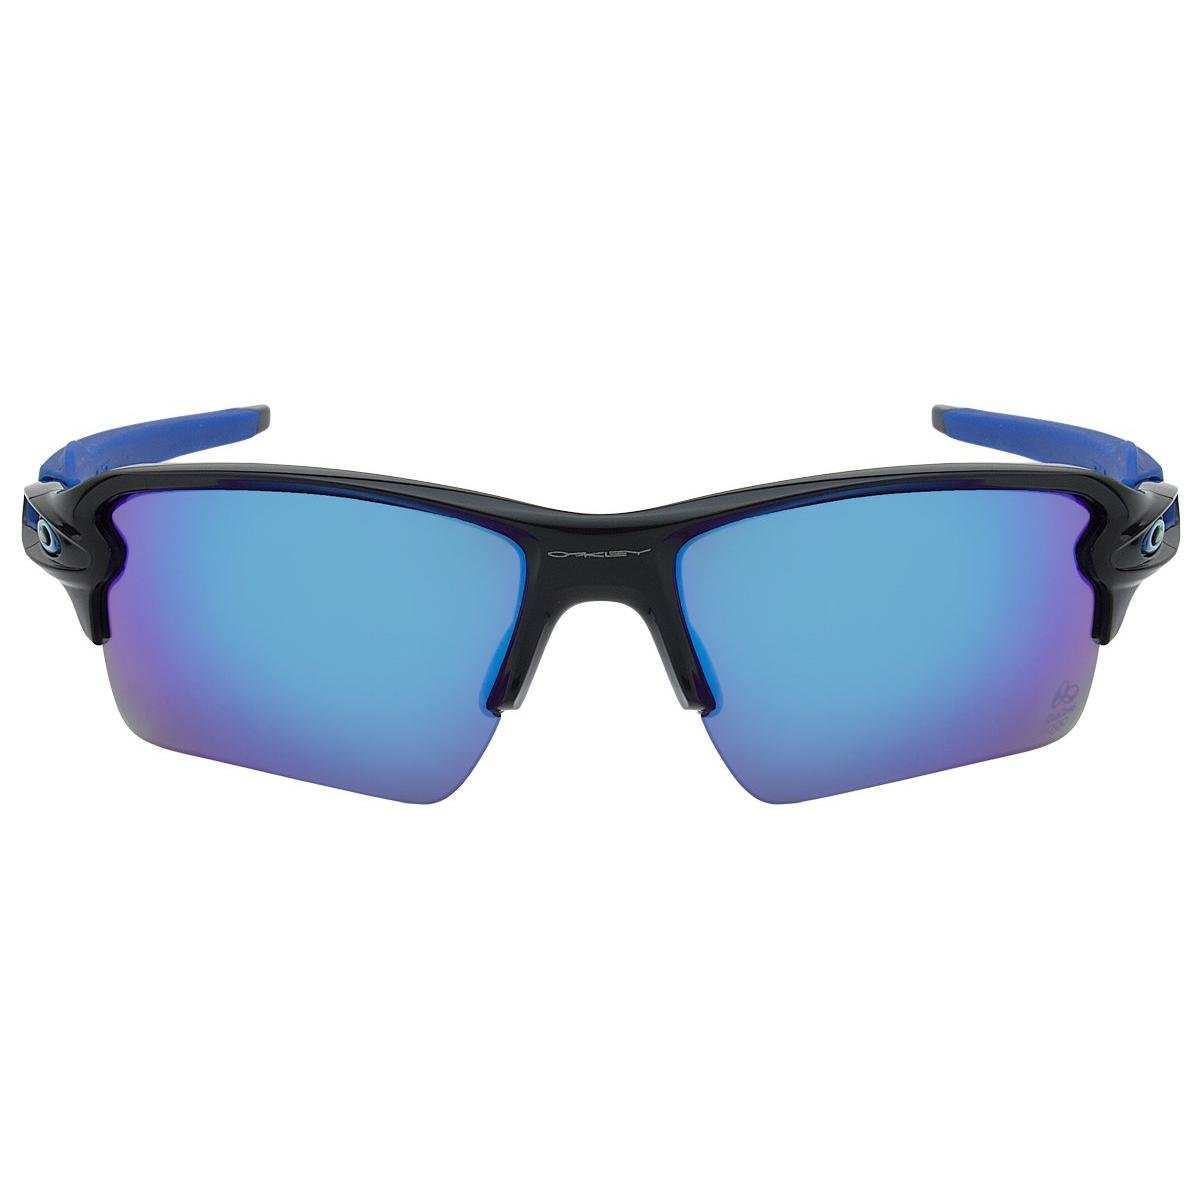 3ec7ea69521ce Óculos de Sol Oakley Flak 2.0 XL OO9188 - Polished Black - Sapphire Iridium  - 17 59 - Compre Agora